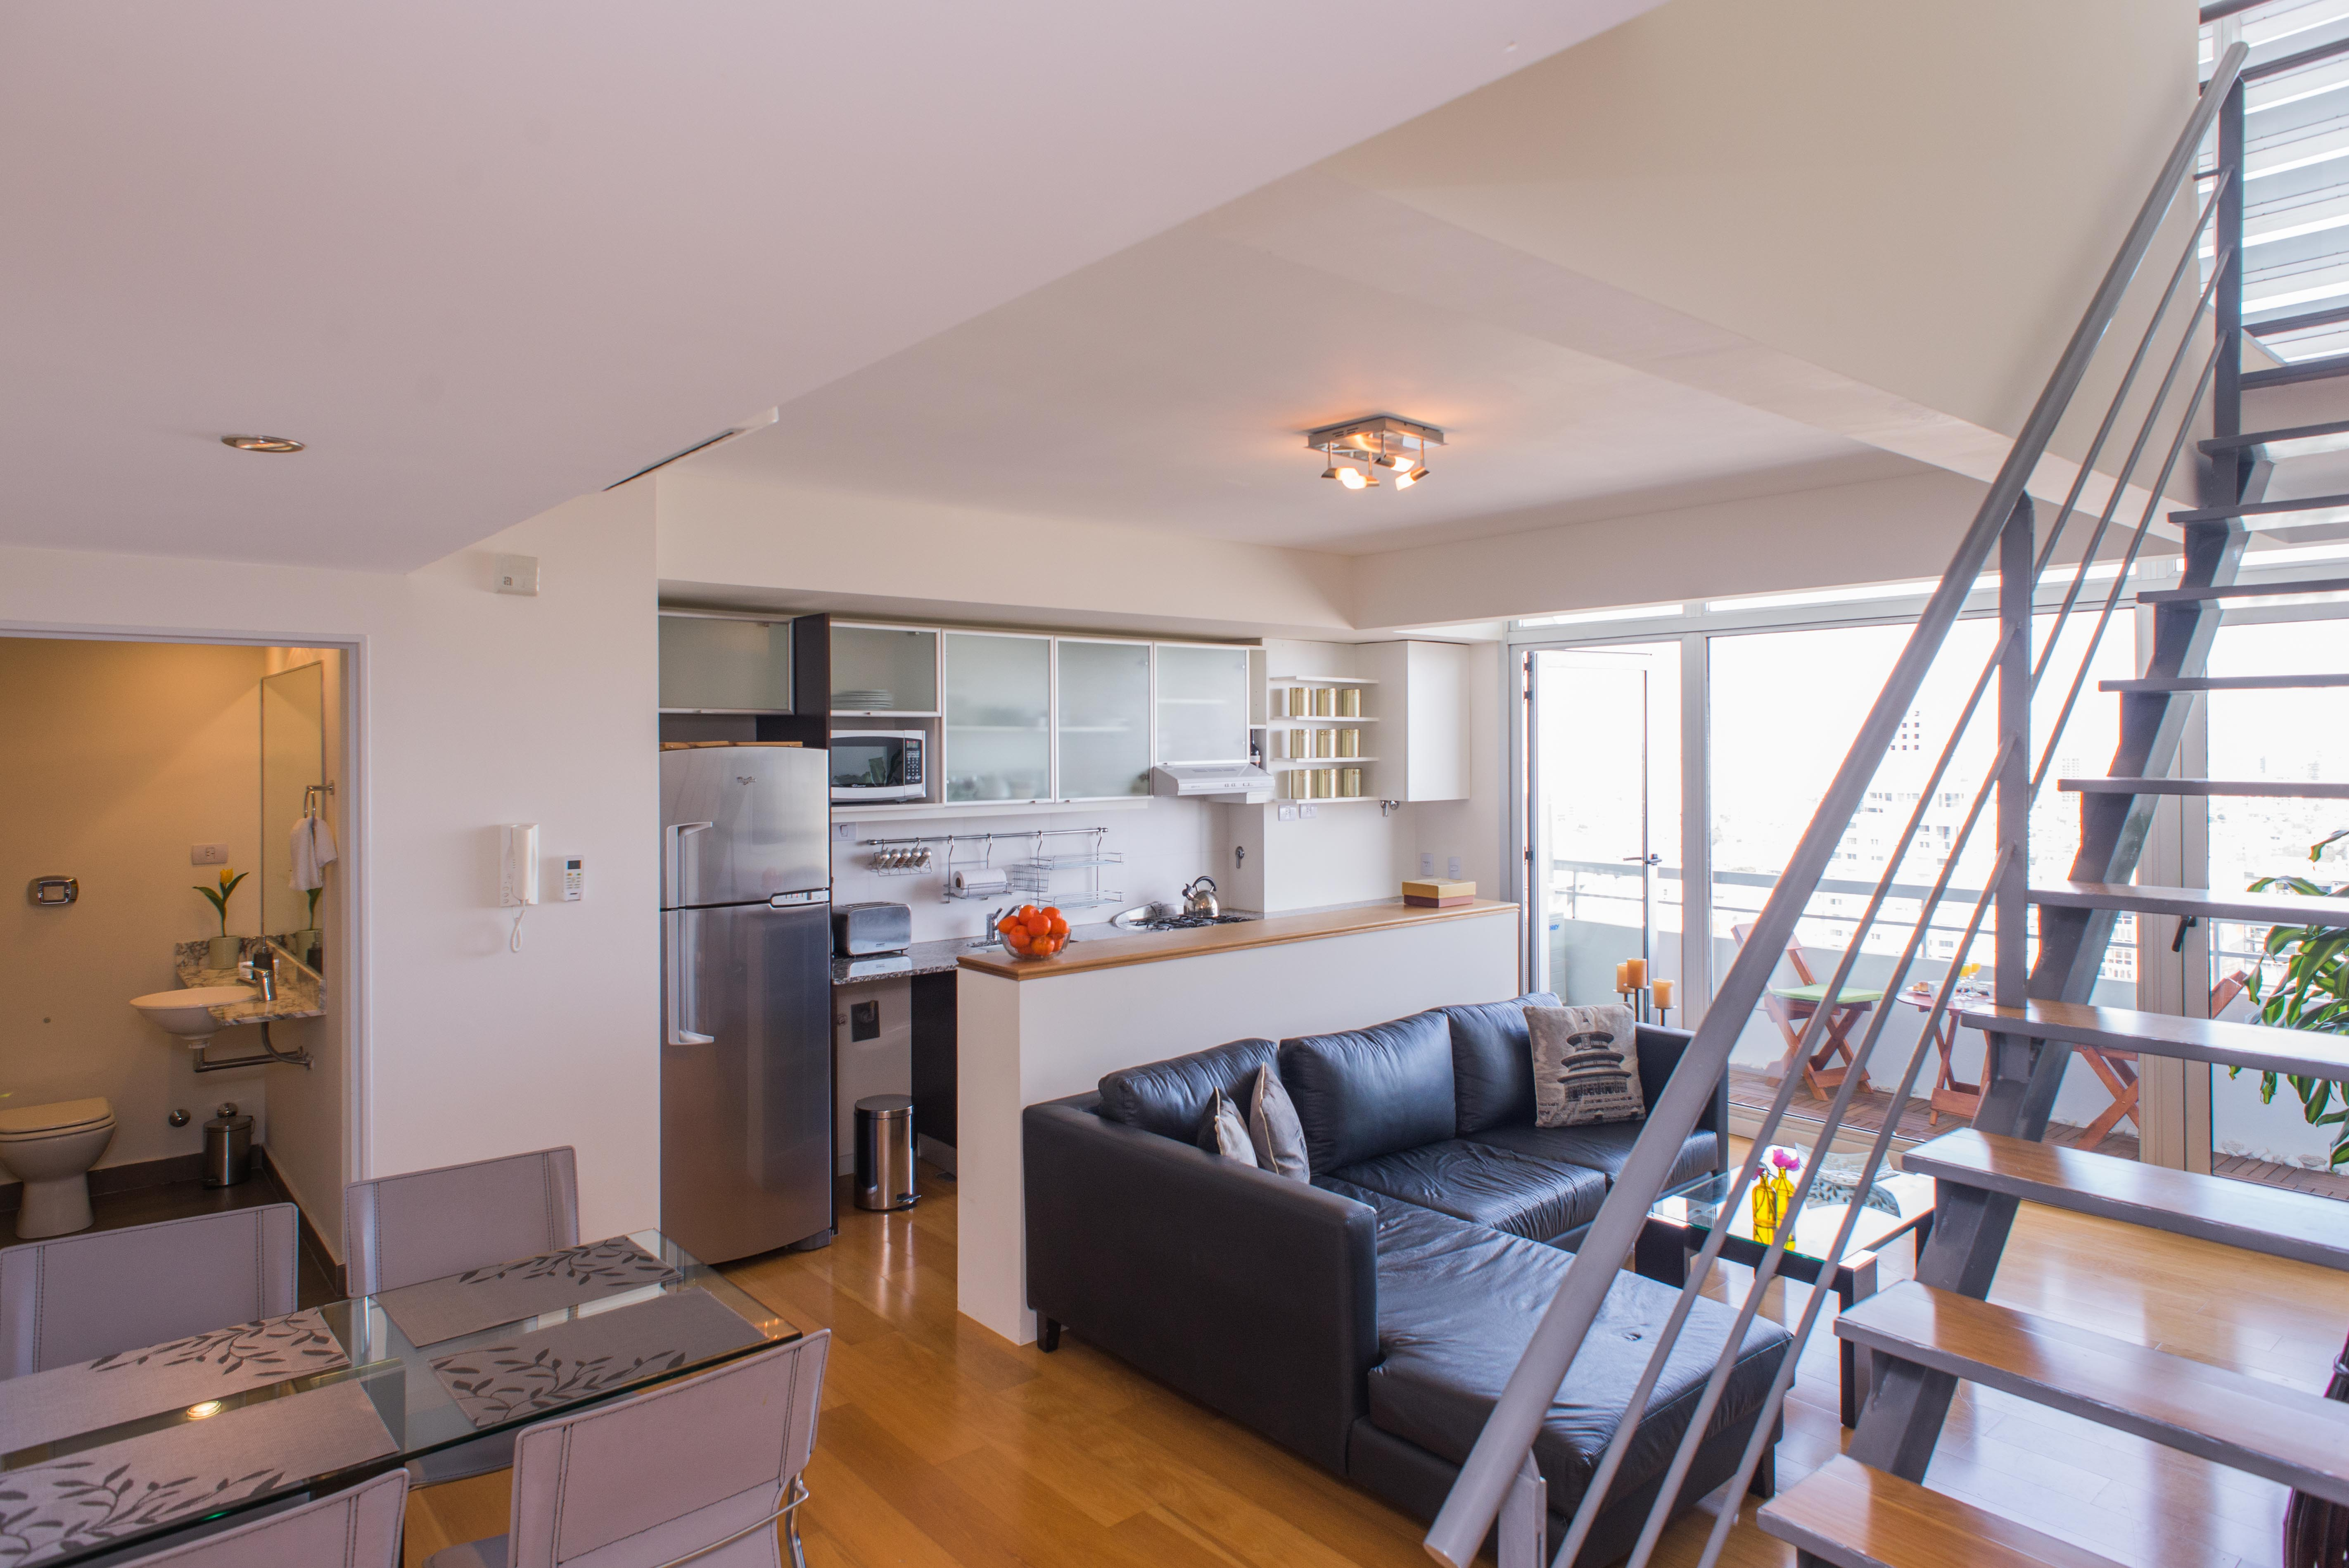 Ba4u Apartments | APARTMENTS